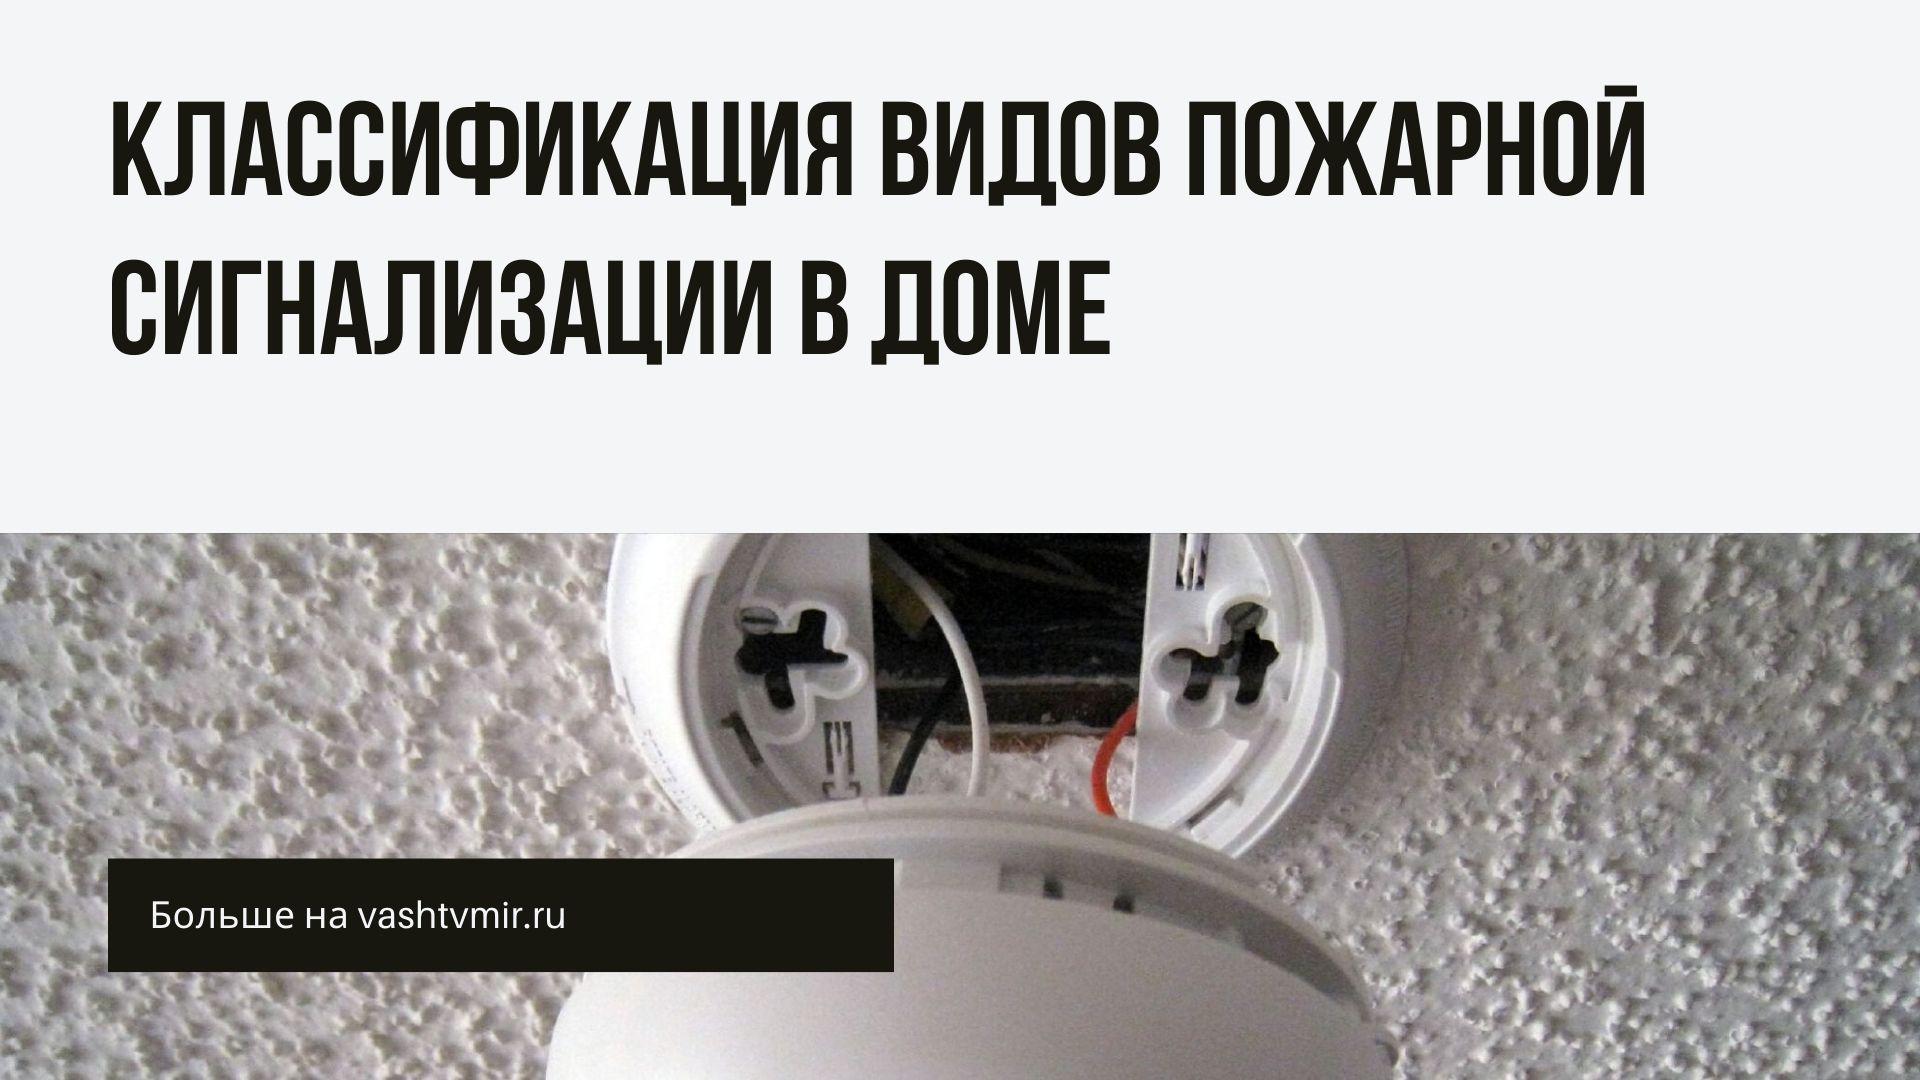 Классификация видов пожарной сигнализации в доме